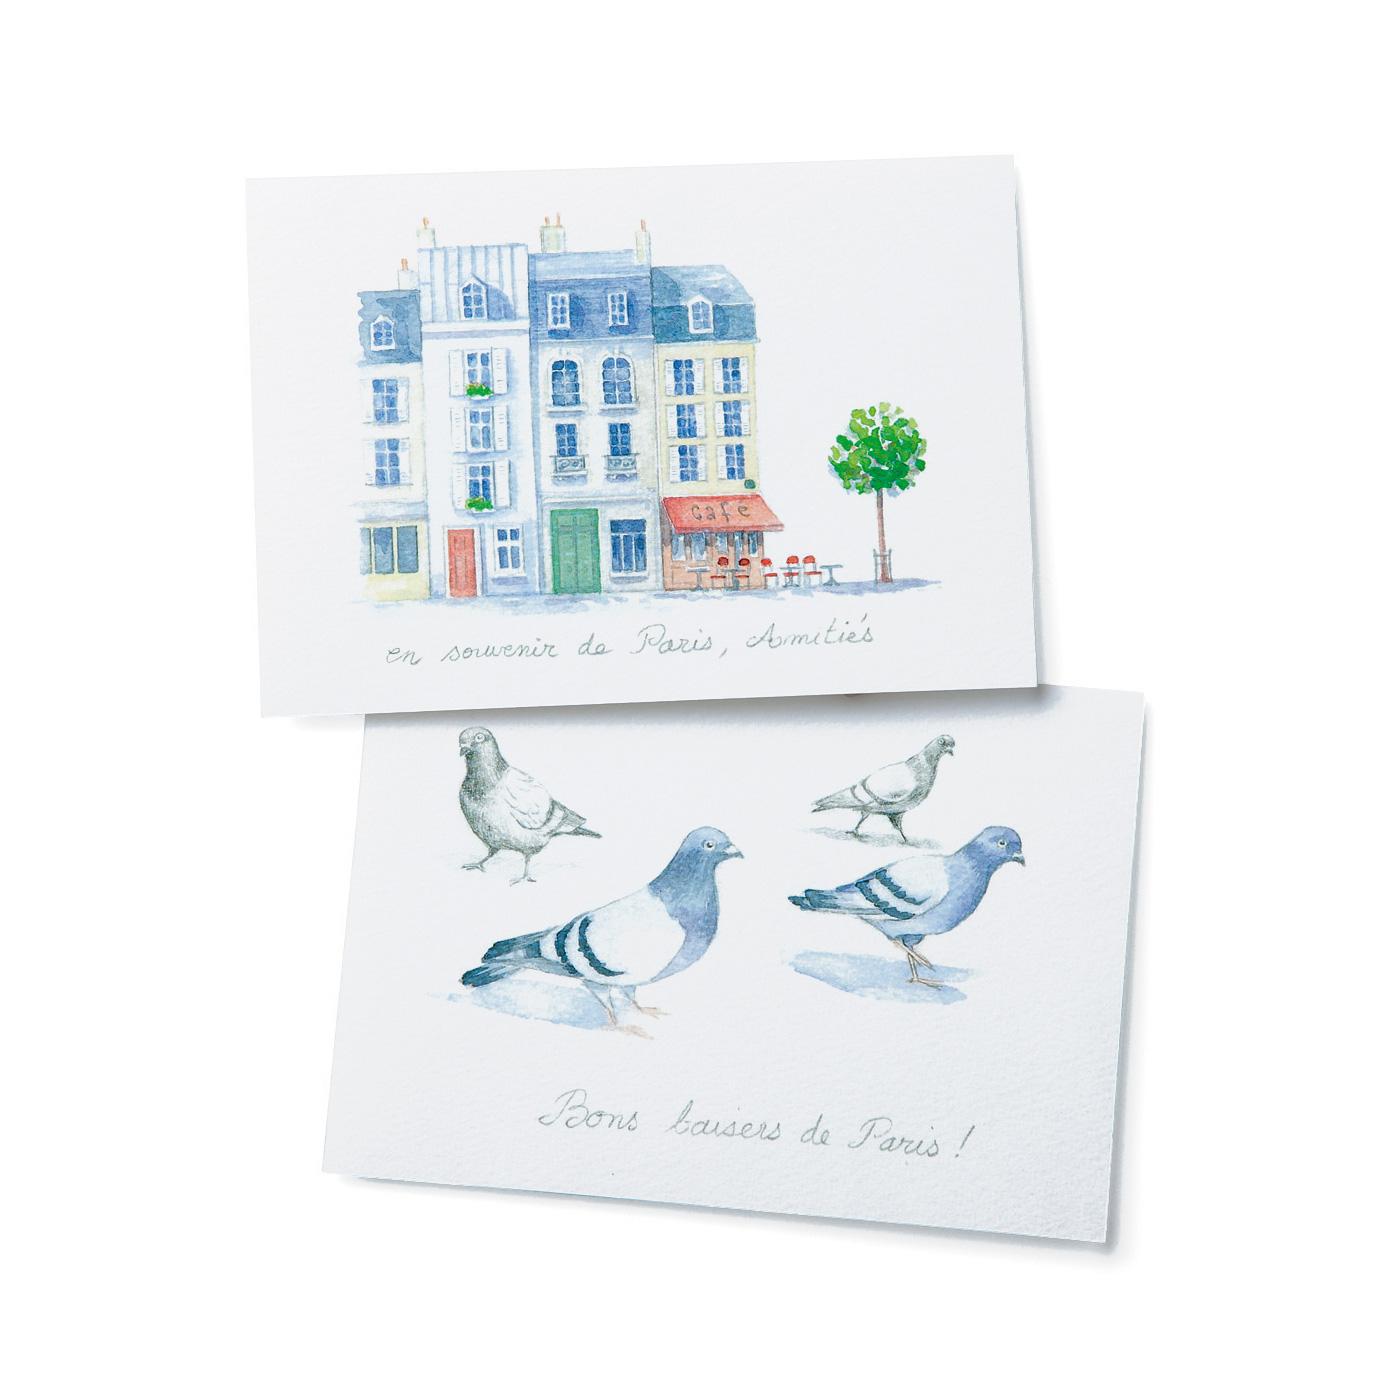 アンヌさんのオリジナルイラストのカード付き。